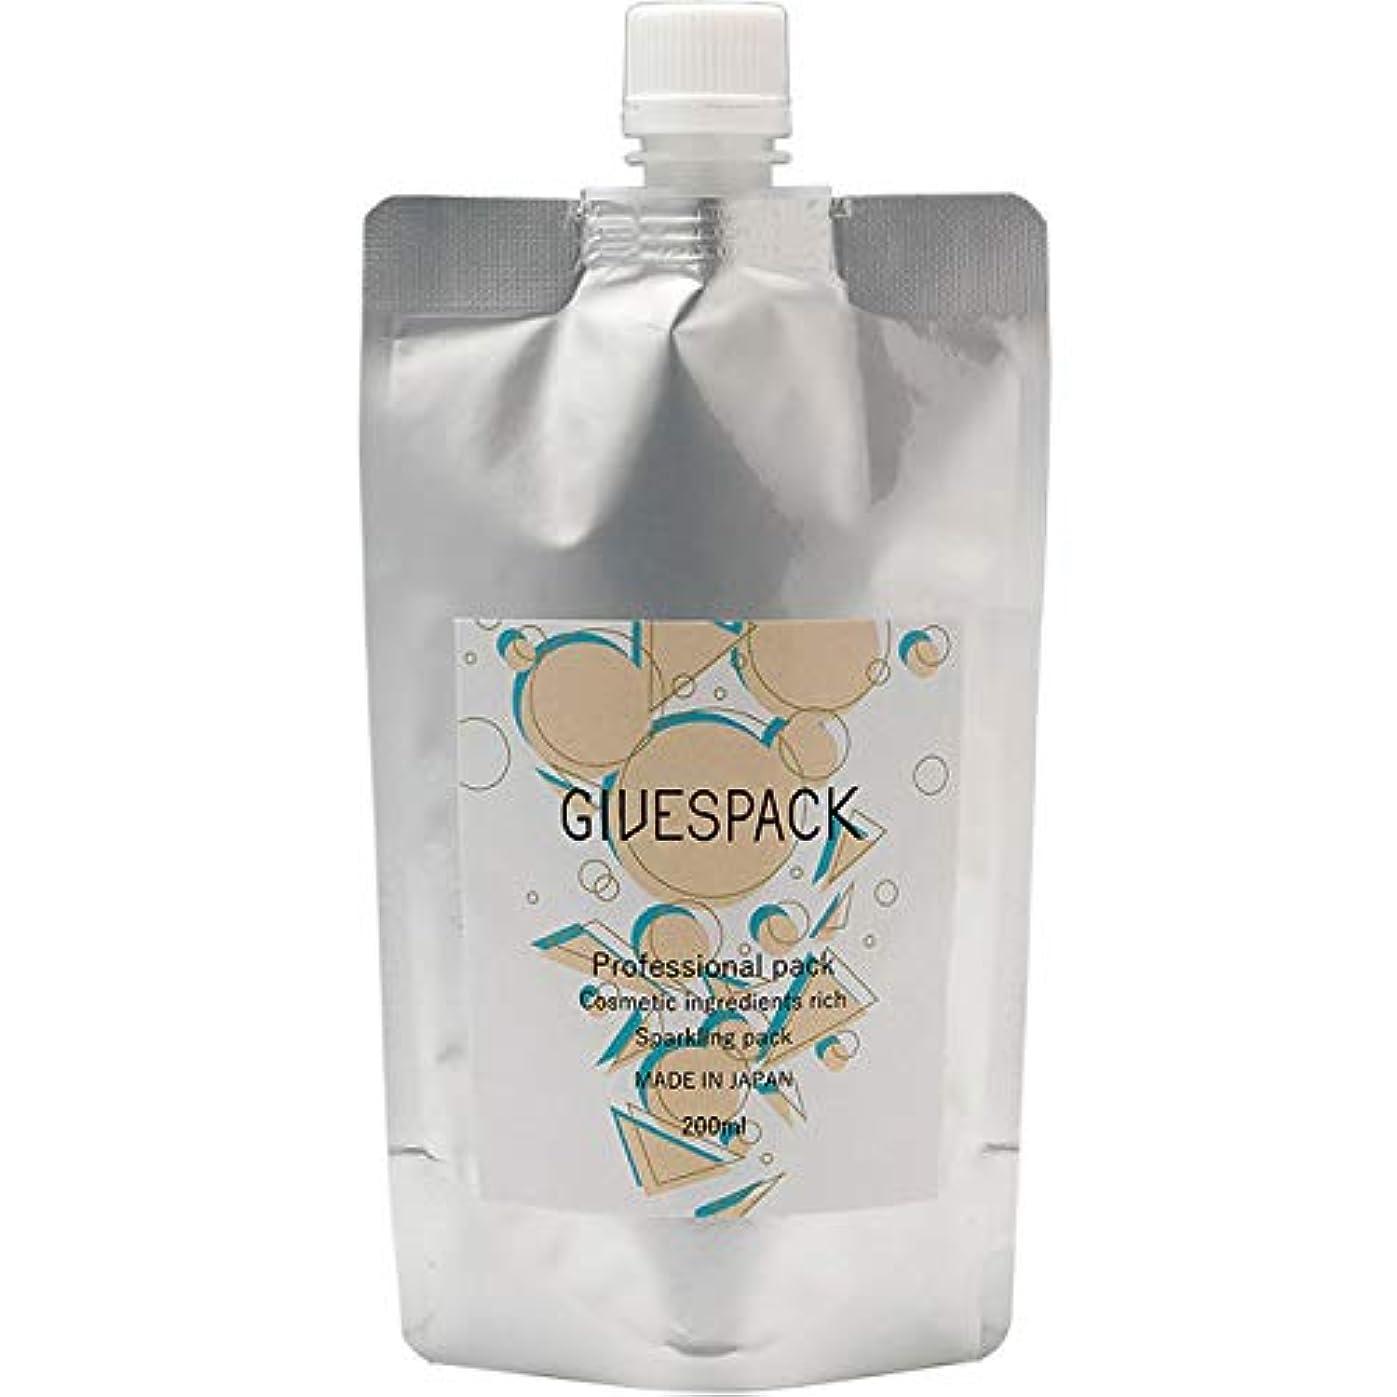 架空のリビングルームにぎやかNAVAN ギブスパック 炭酸パック 自宅エステ 手軽な一剤式(混ぜない) オールインワン 200ml たっぷり約23回分